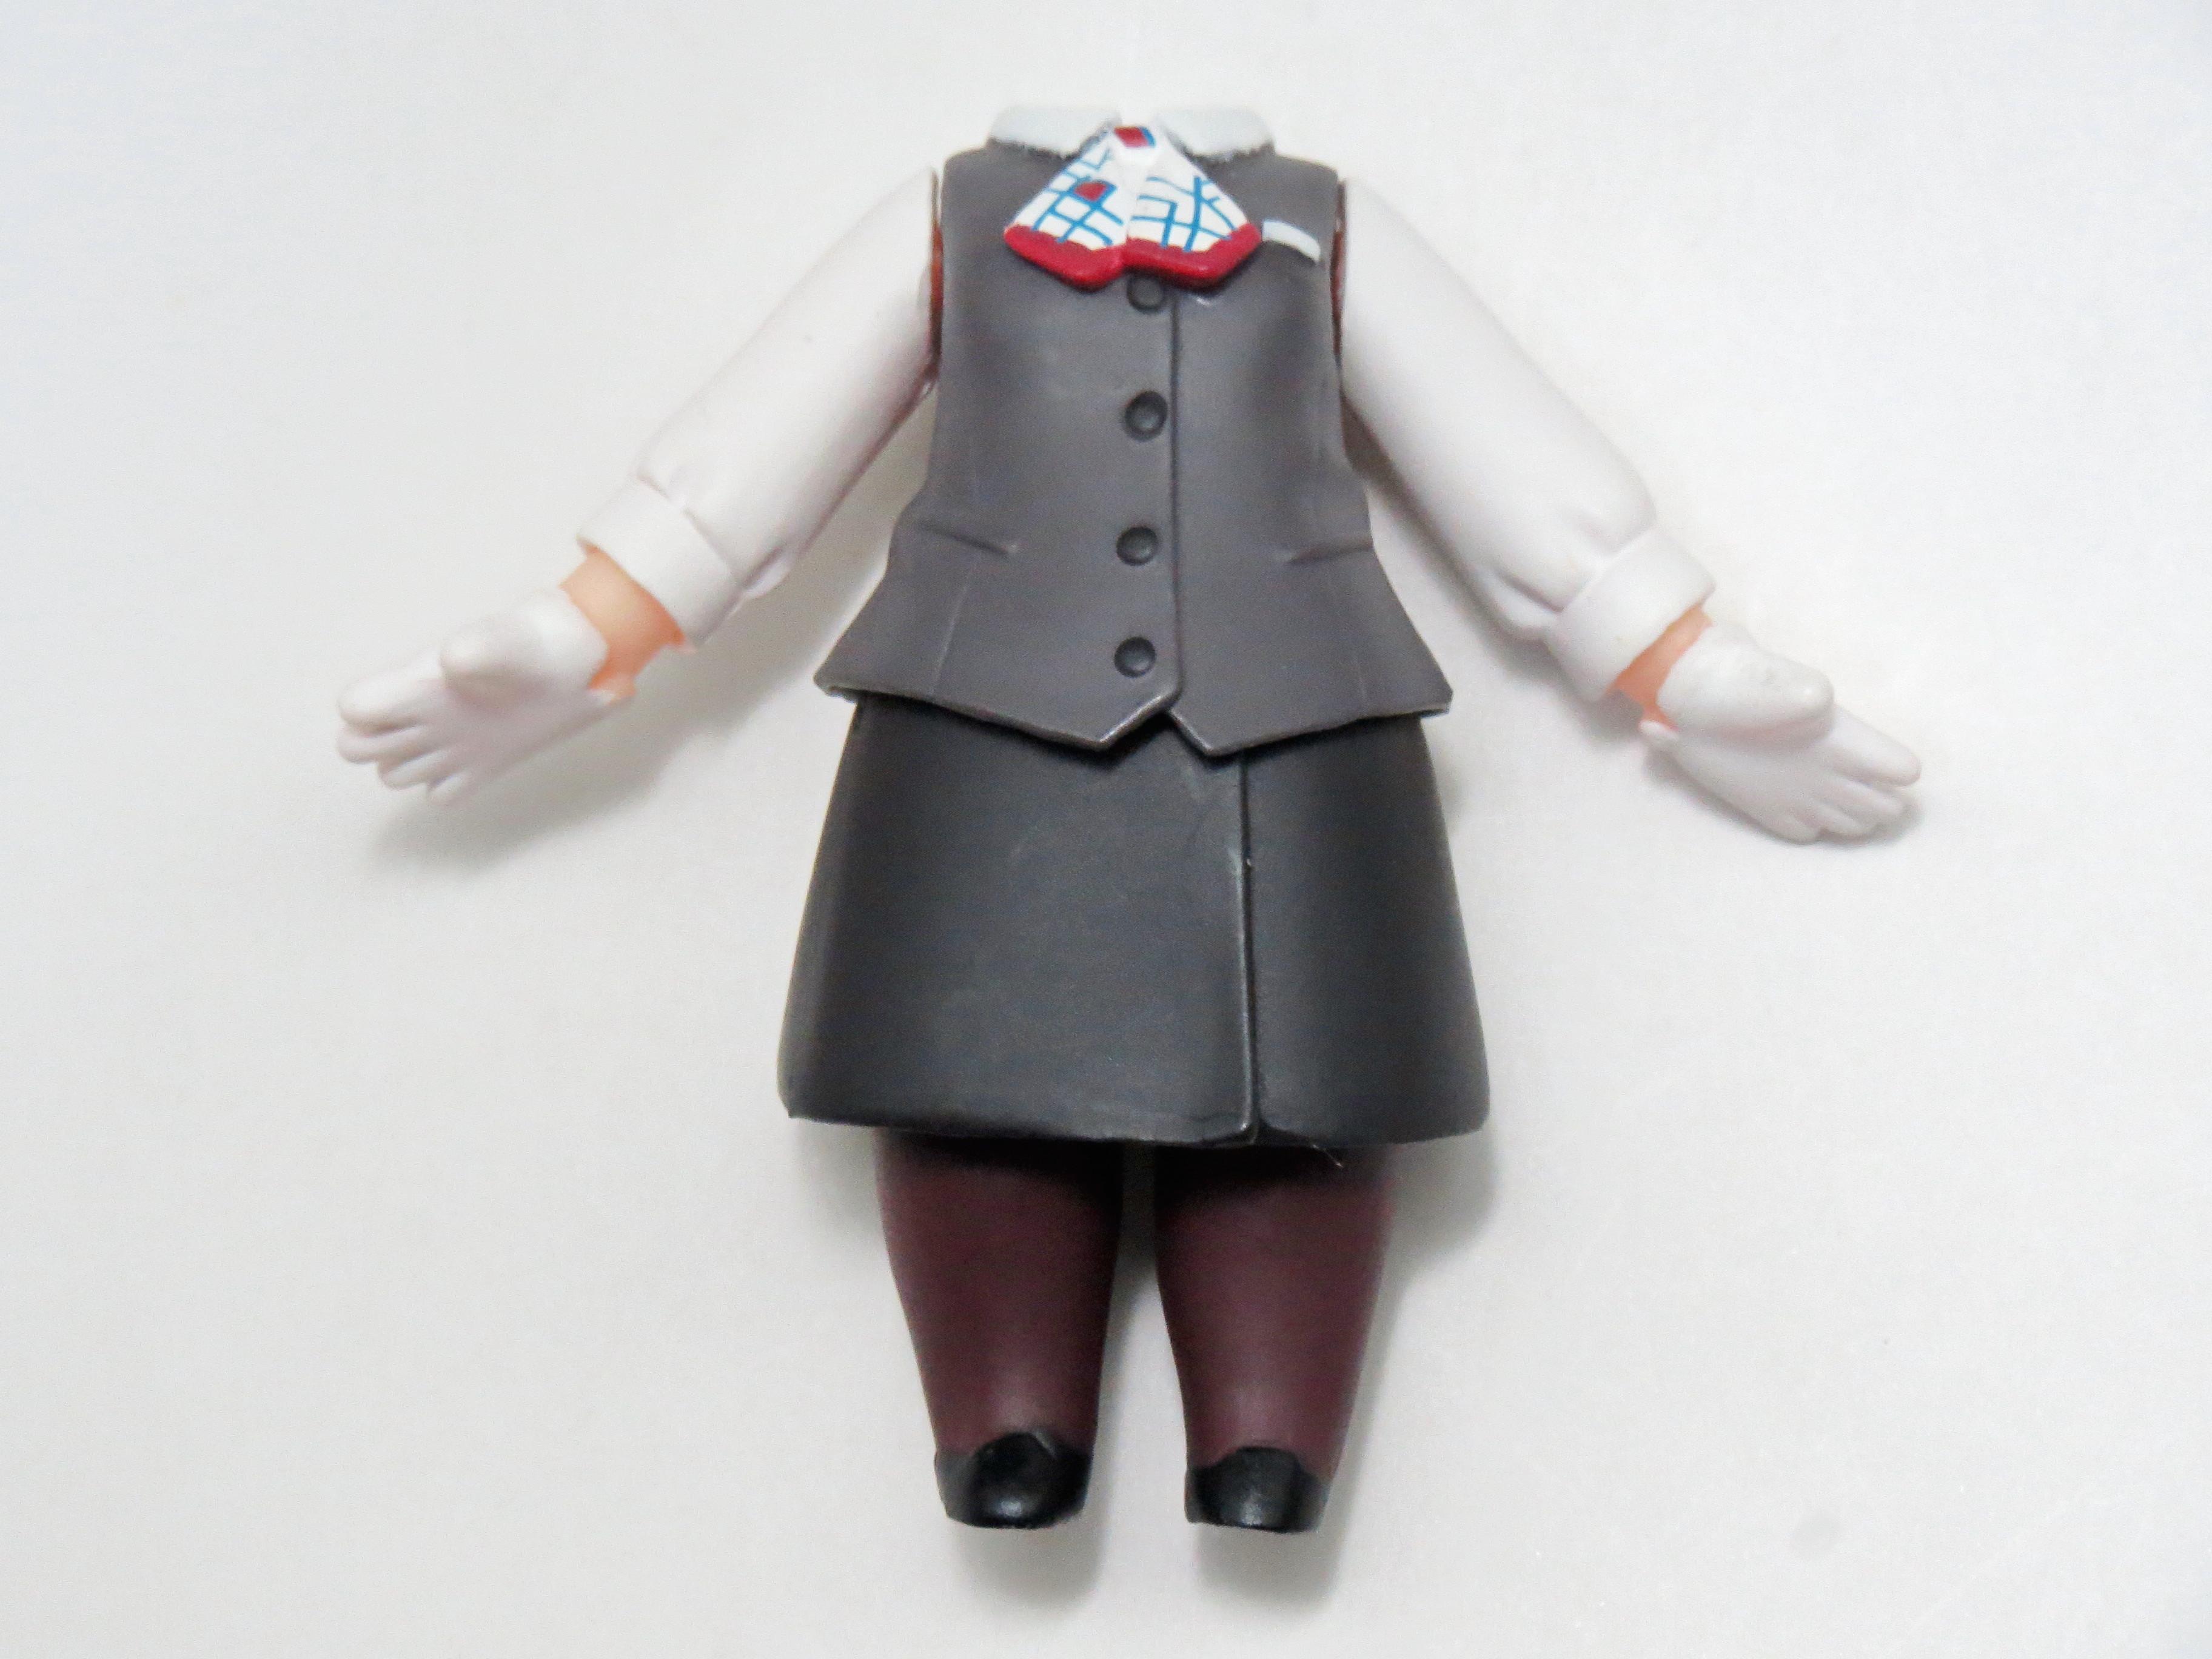 【347】 鷹野みゆき 体パーツ 制服 ねんどろいど